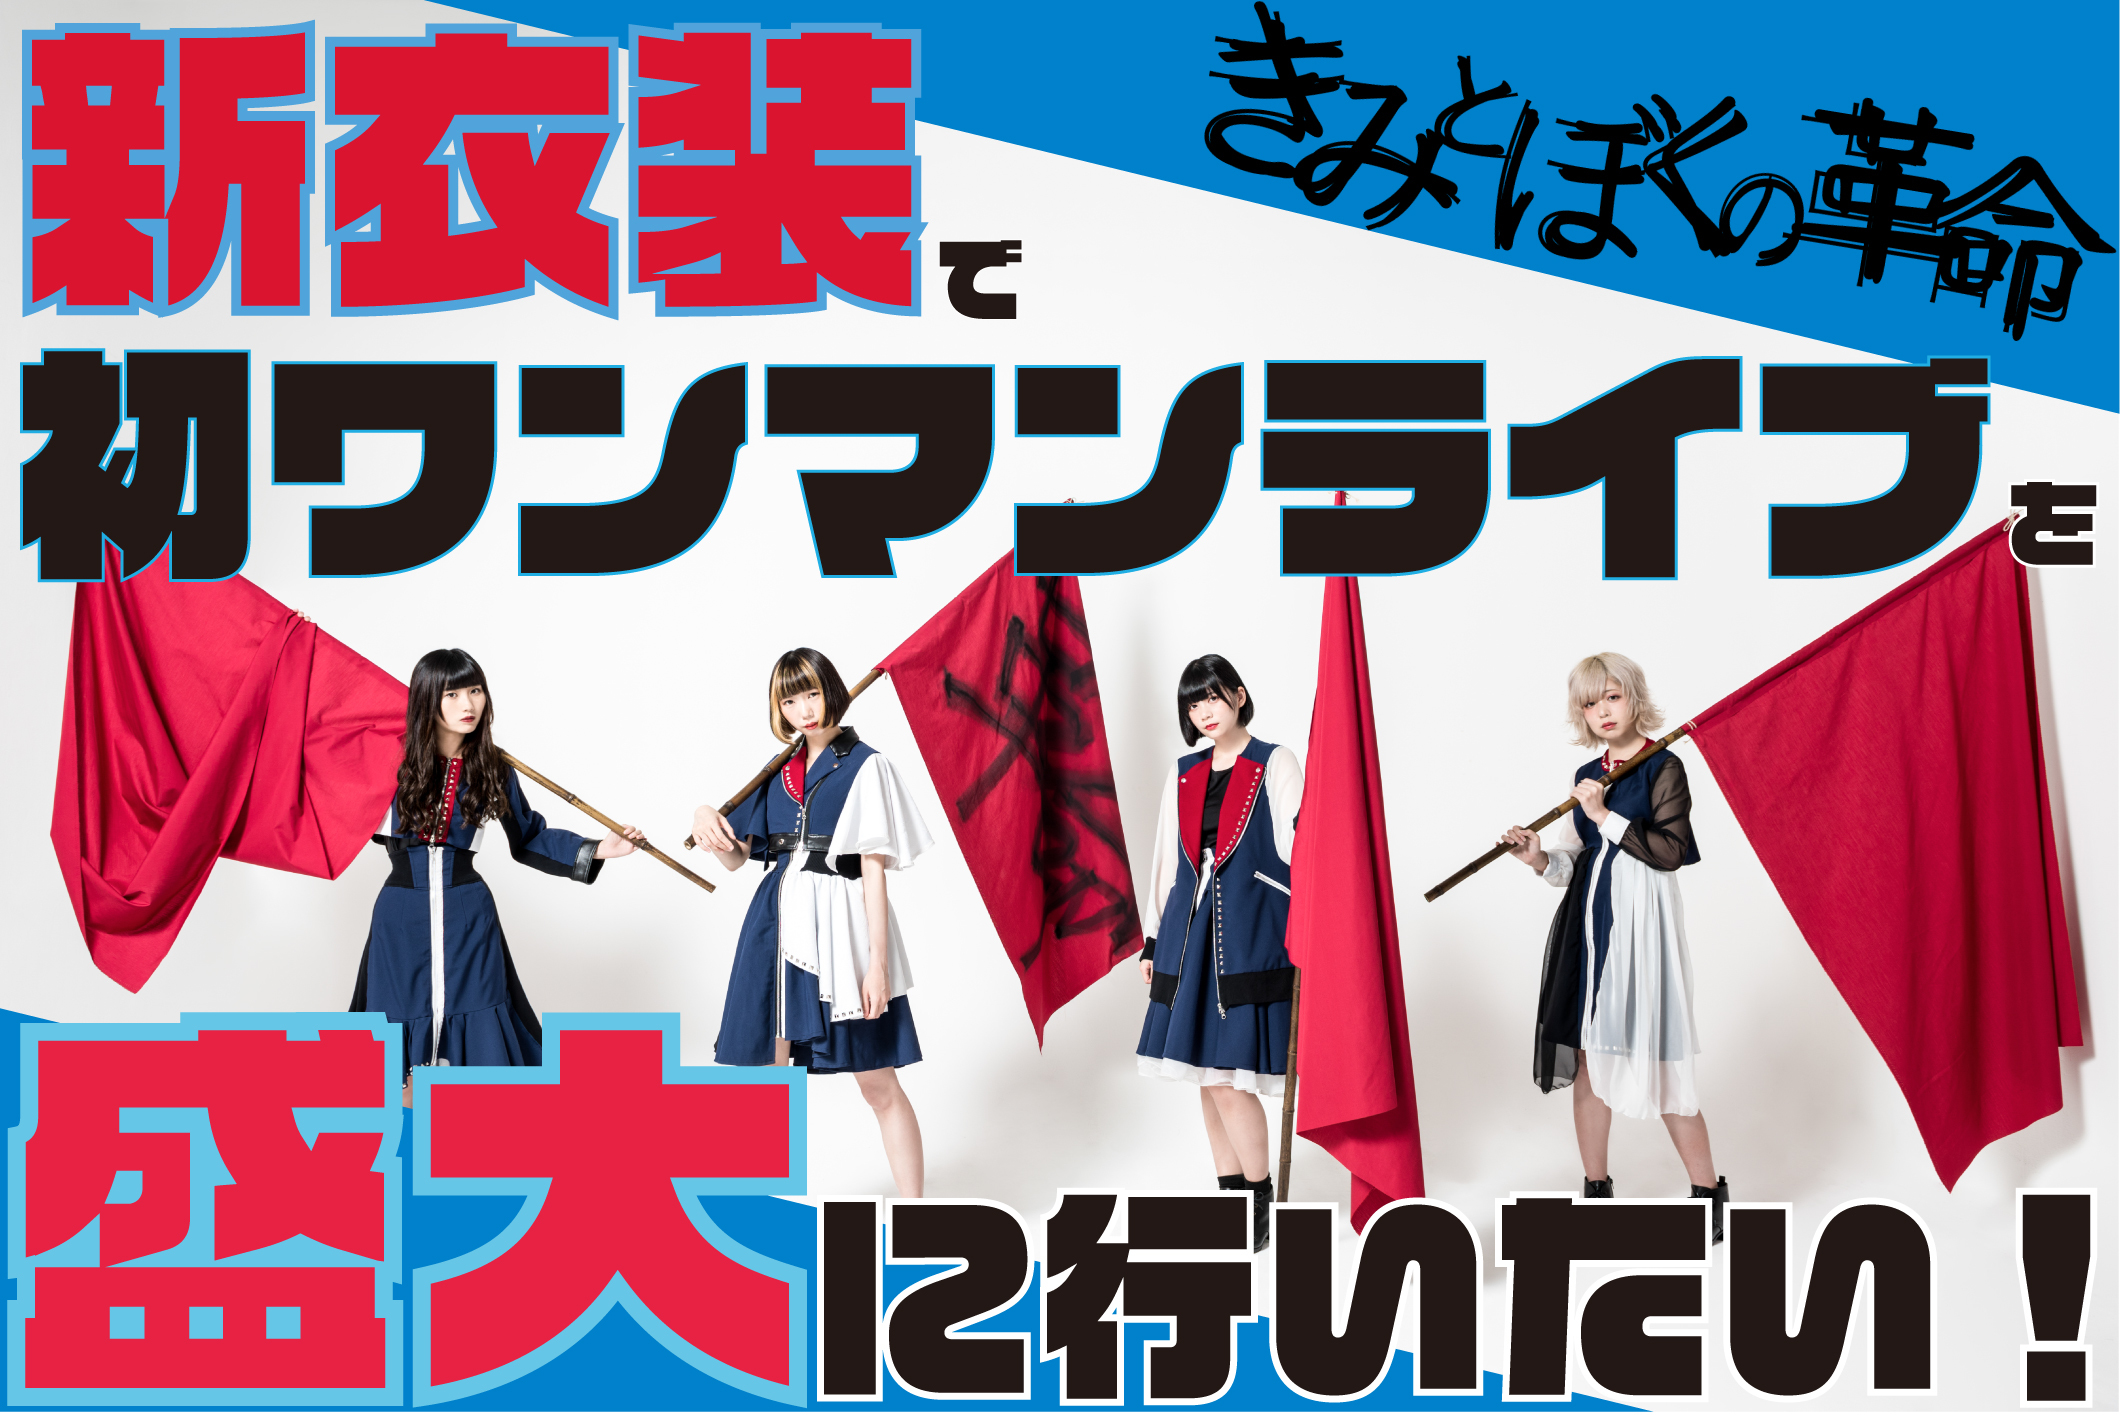 【きみとぼくの革命】4月のリリースと初ワンマンライブをさらにグレードアップさせたい!!